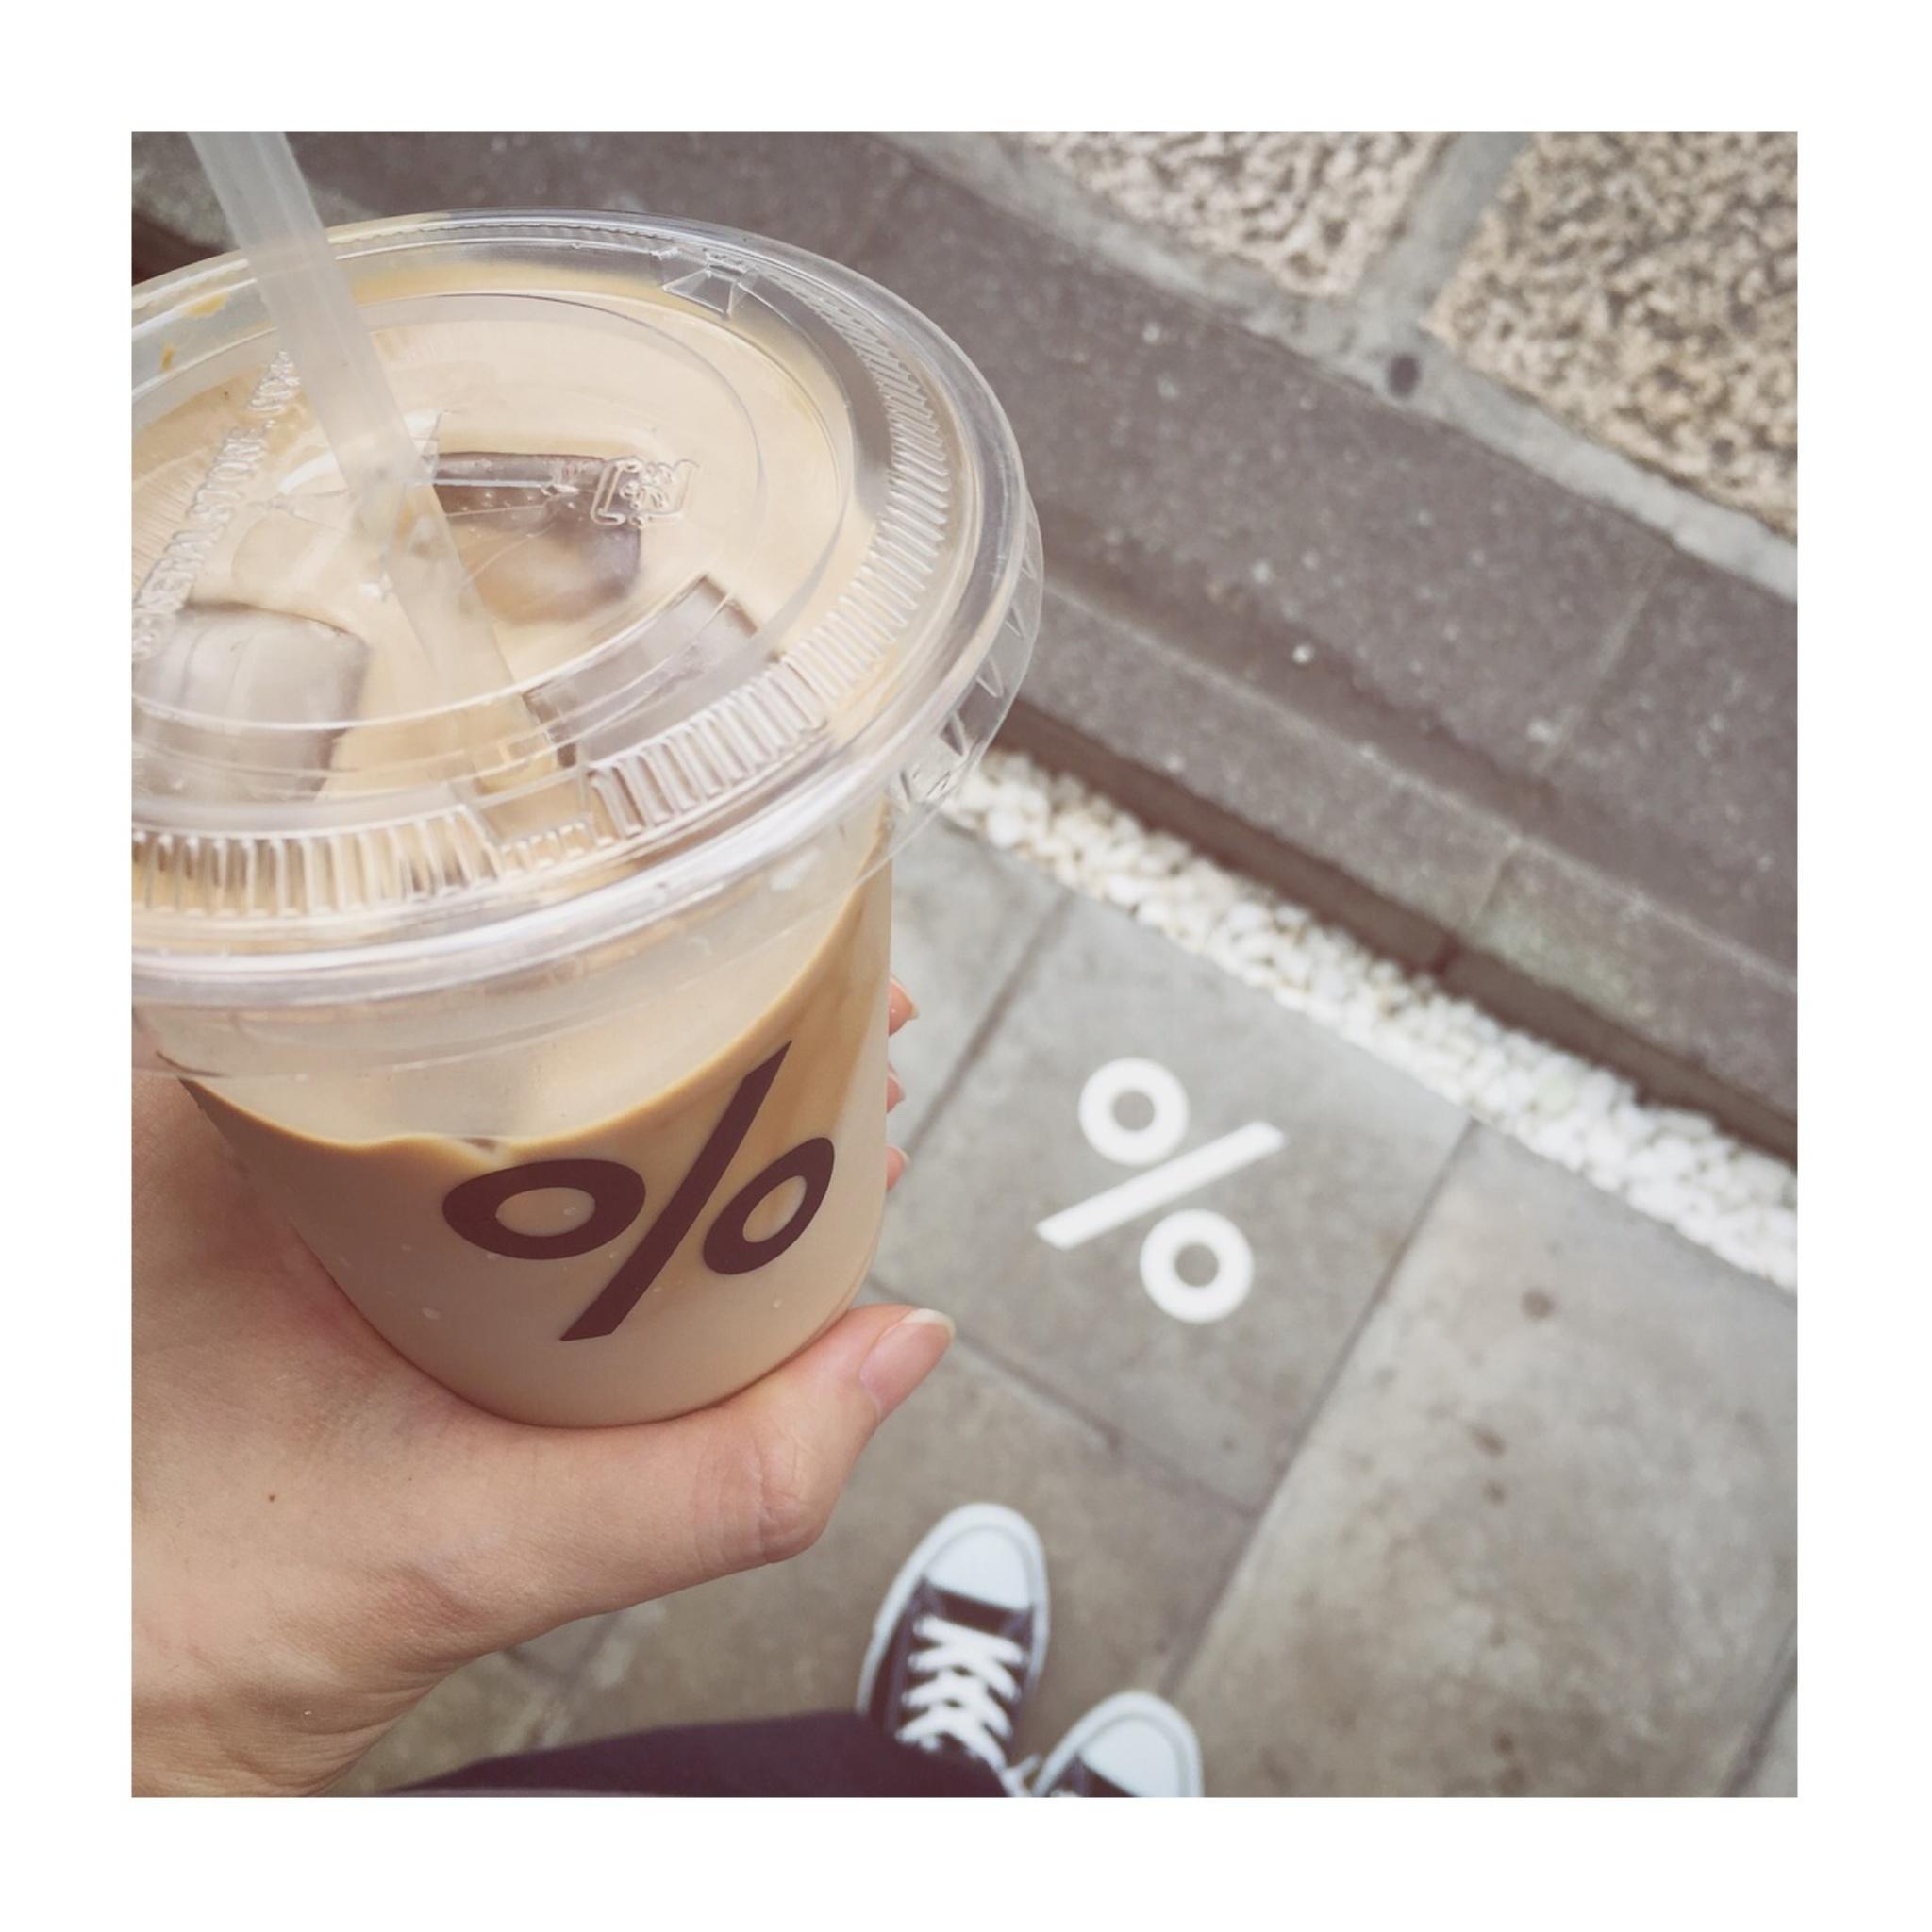 #10【#cafestagram】❤️:《京都》に行ったら寄りたい!おしゃれなカフェ「アラビカ 京都」でこだわりのコーヒーを☻_8